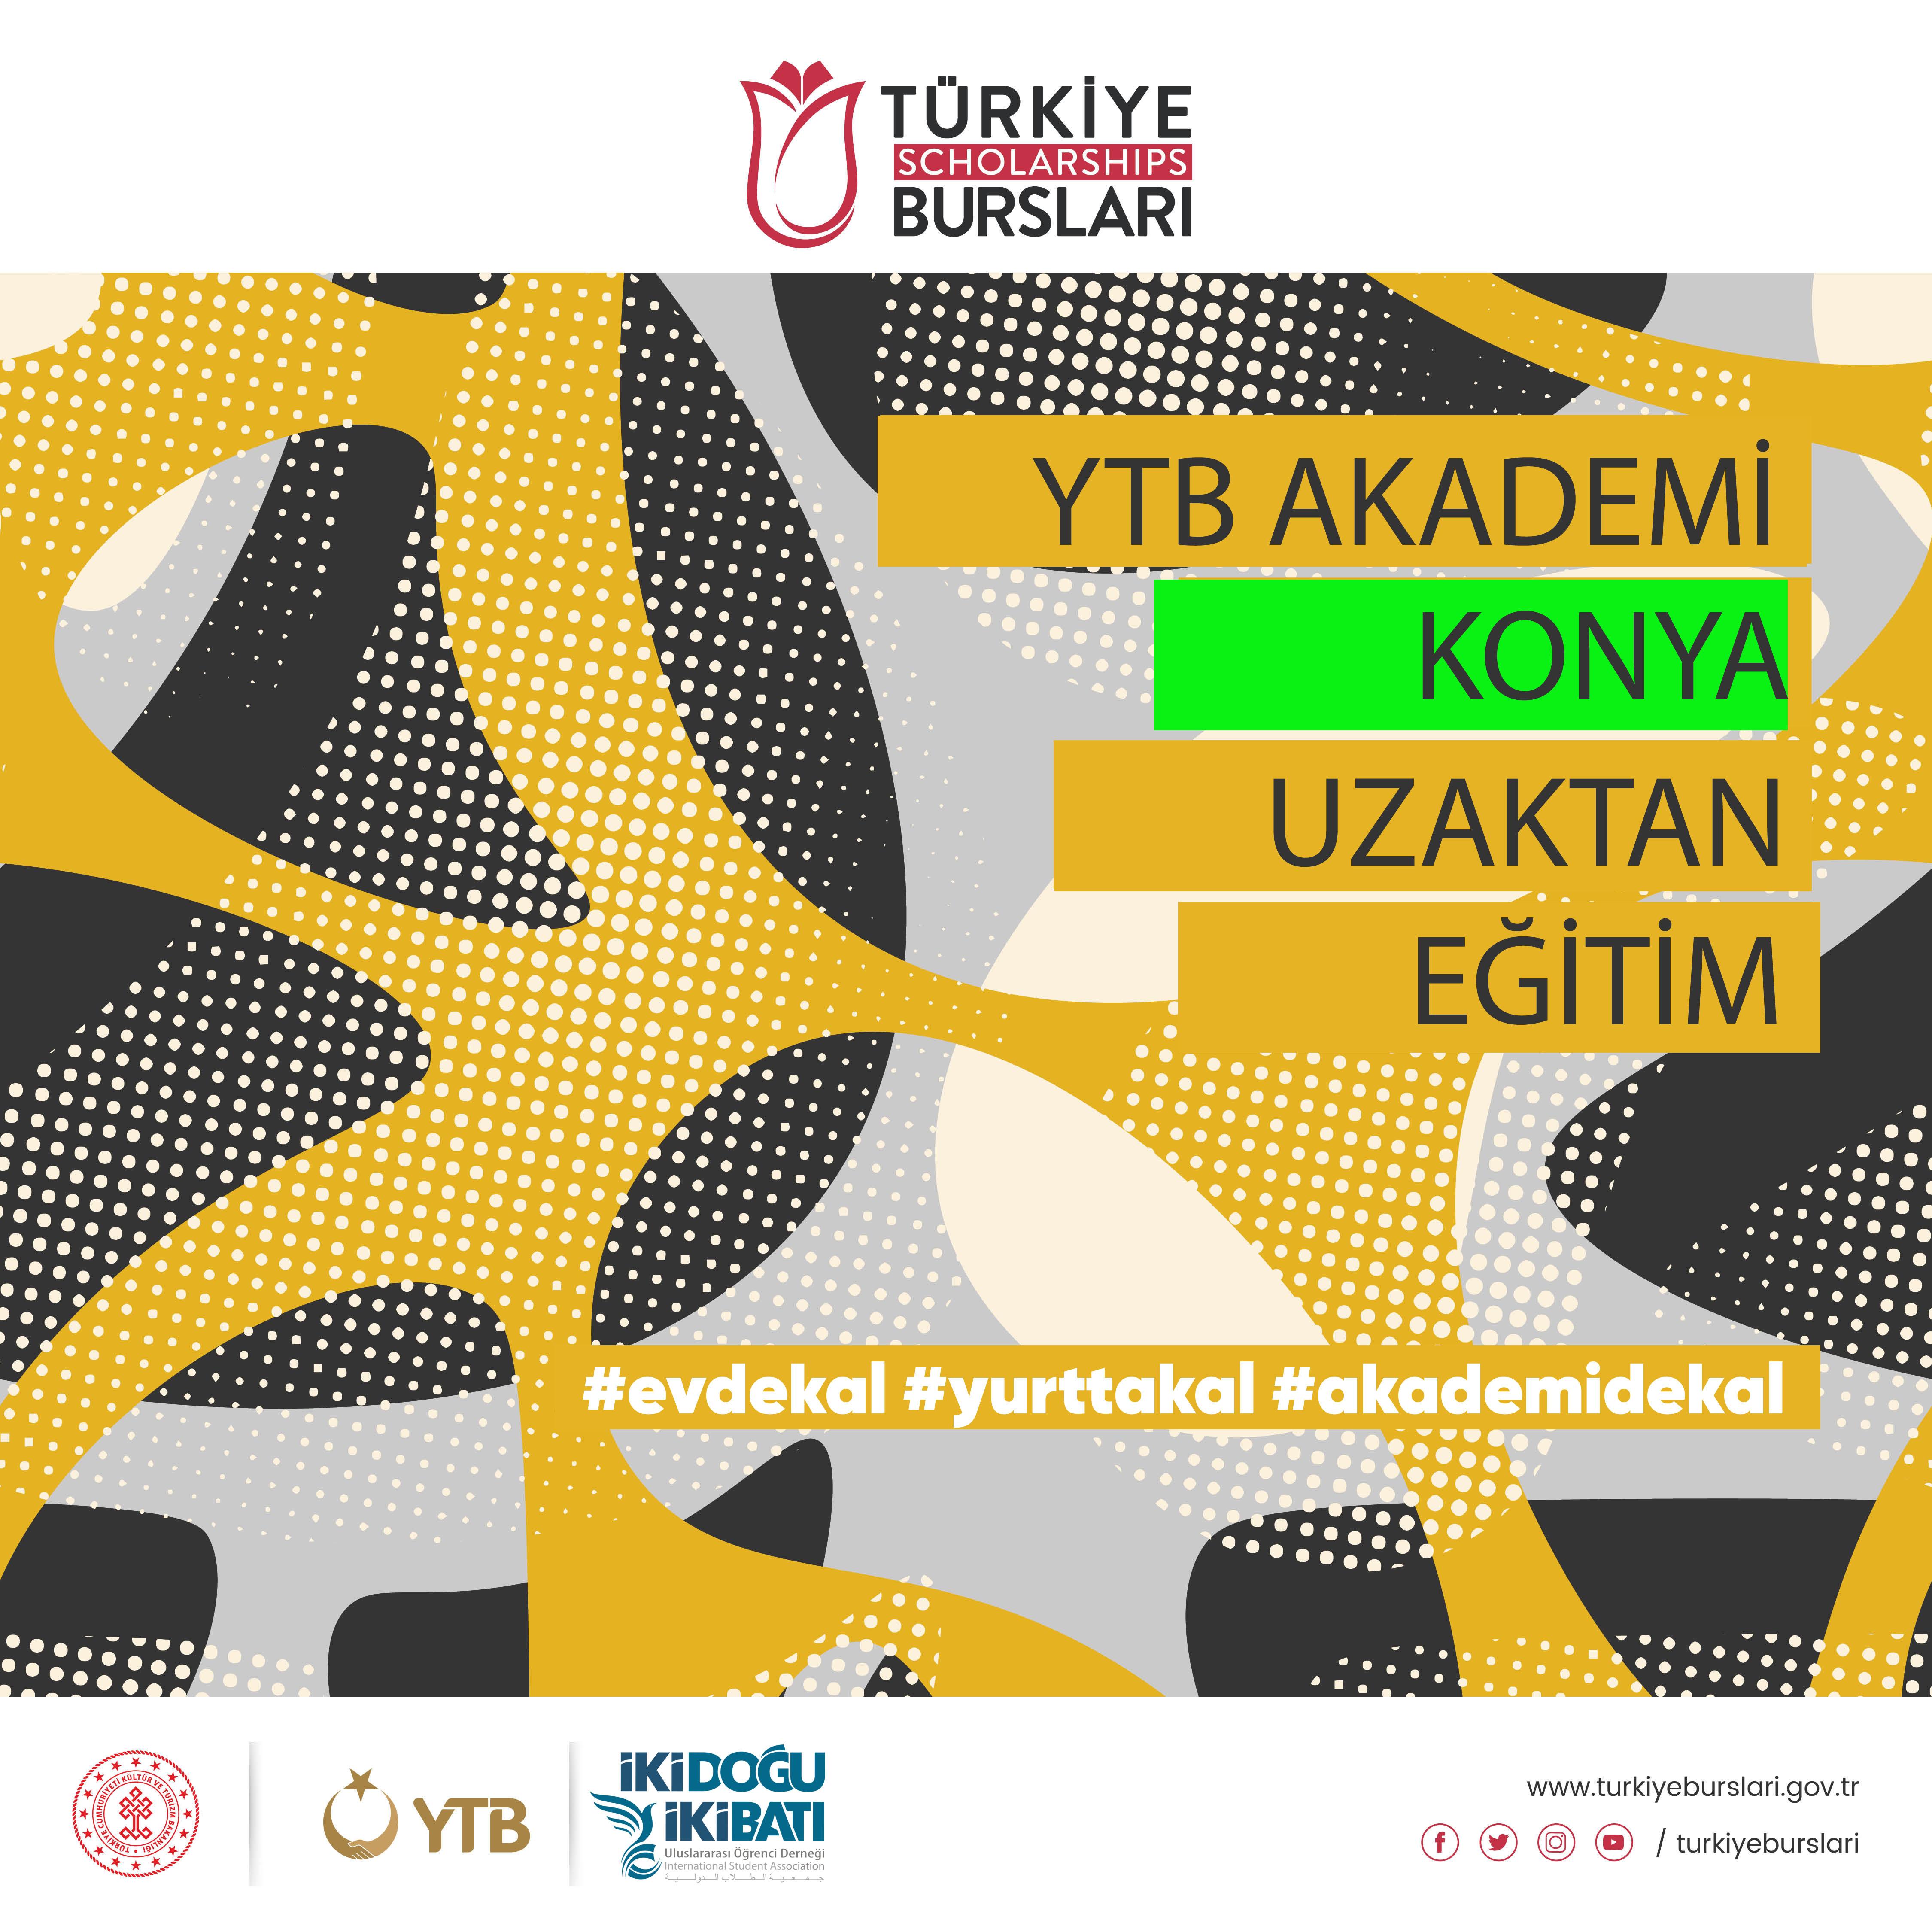 YTB Akademi